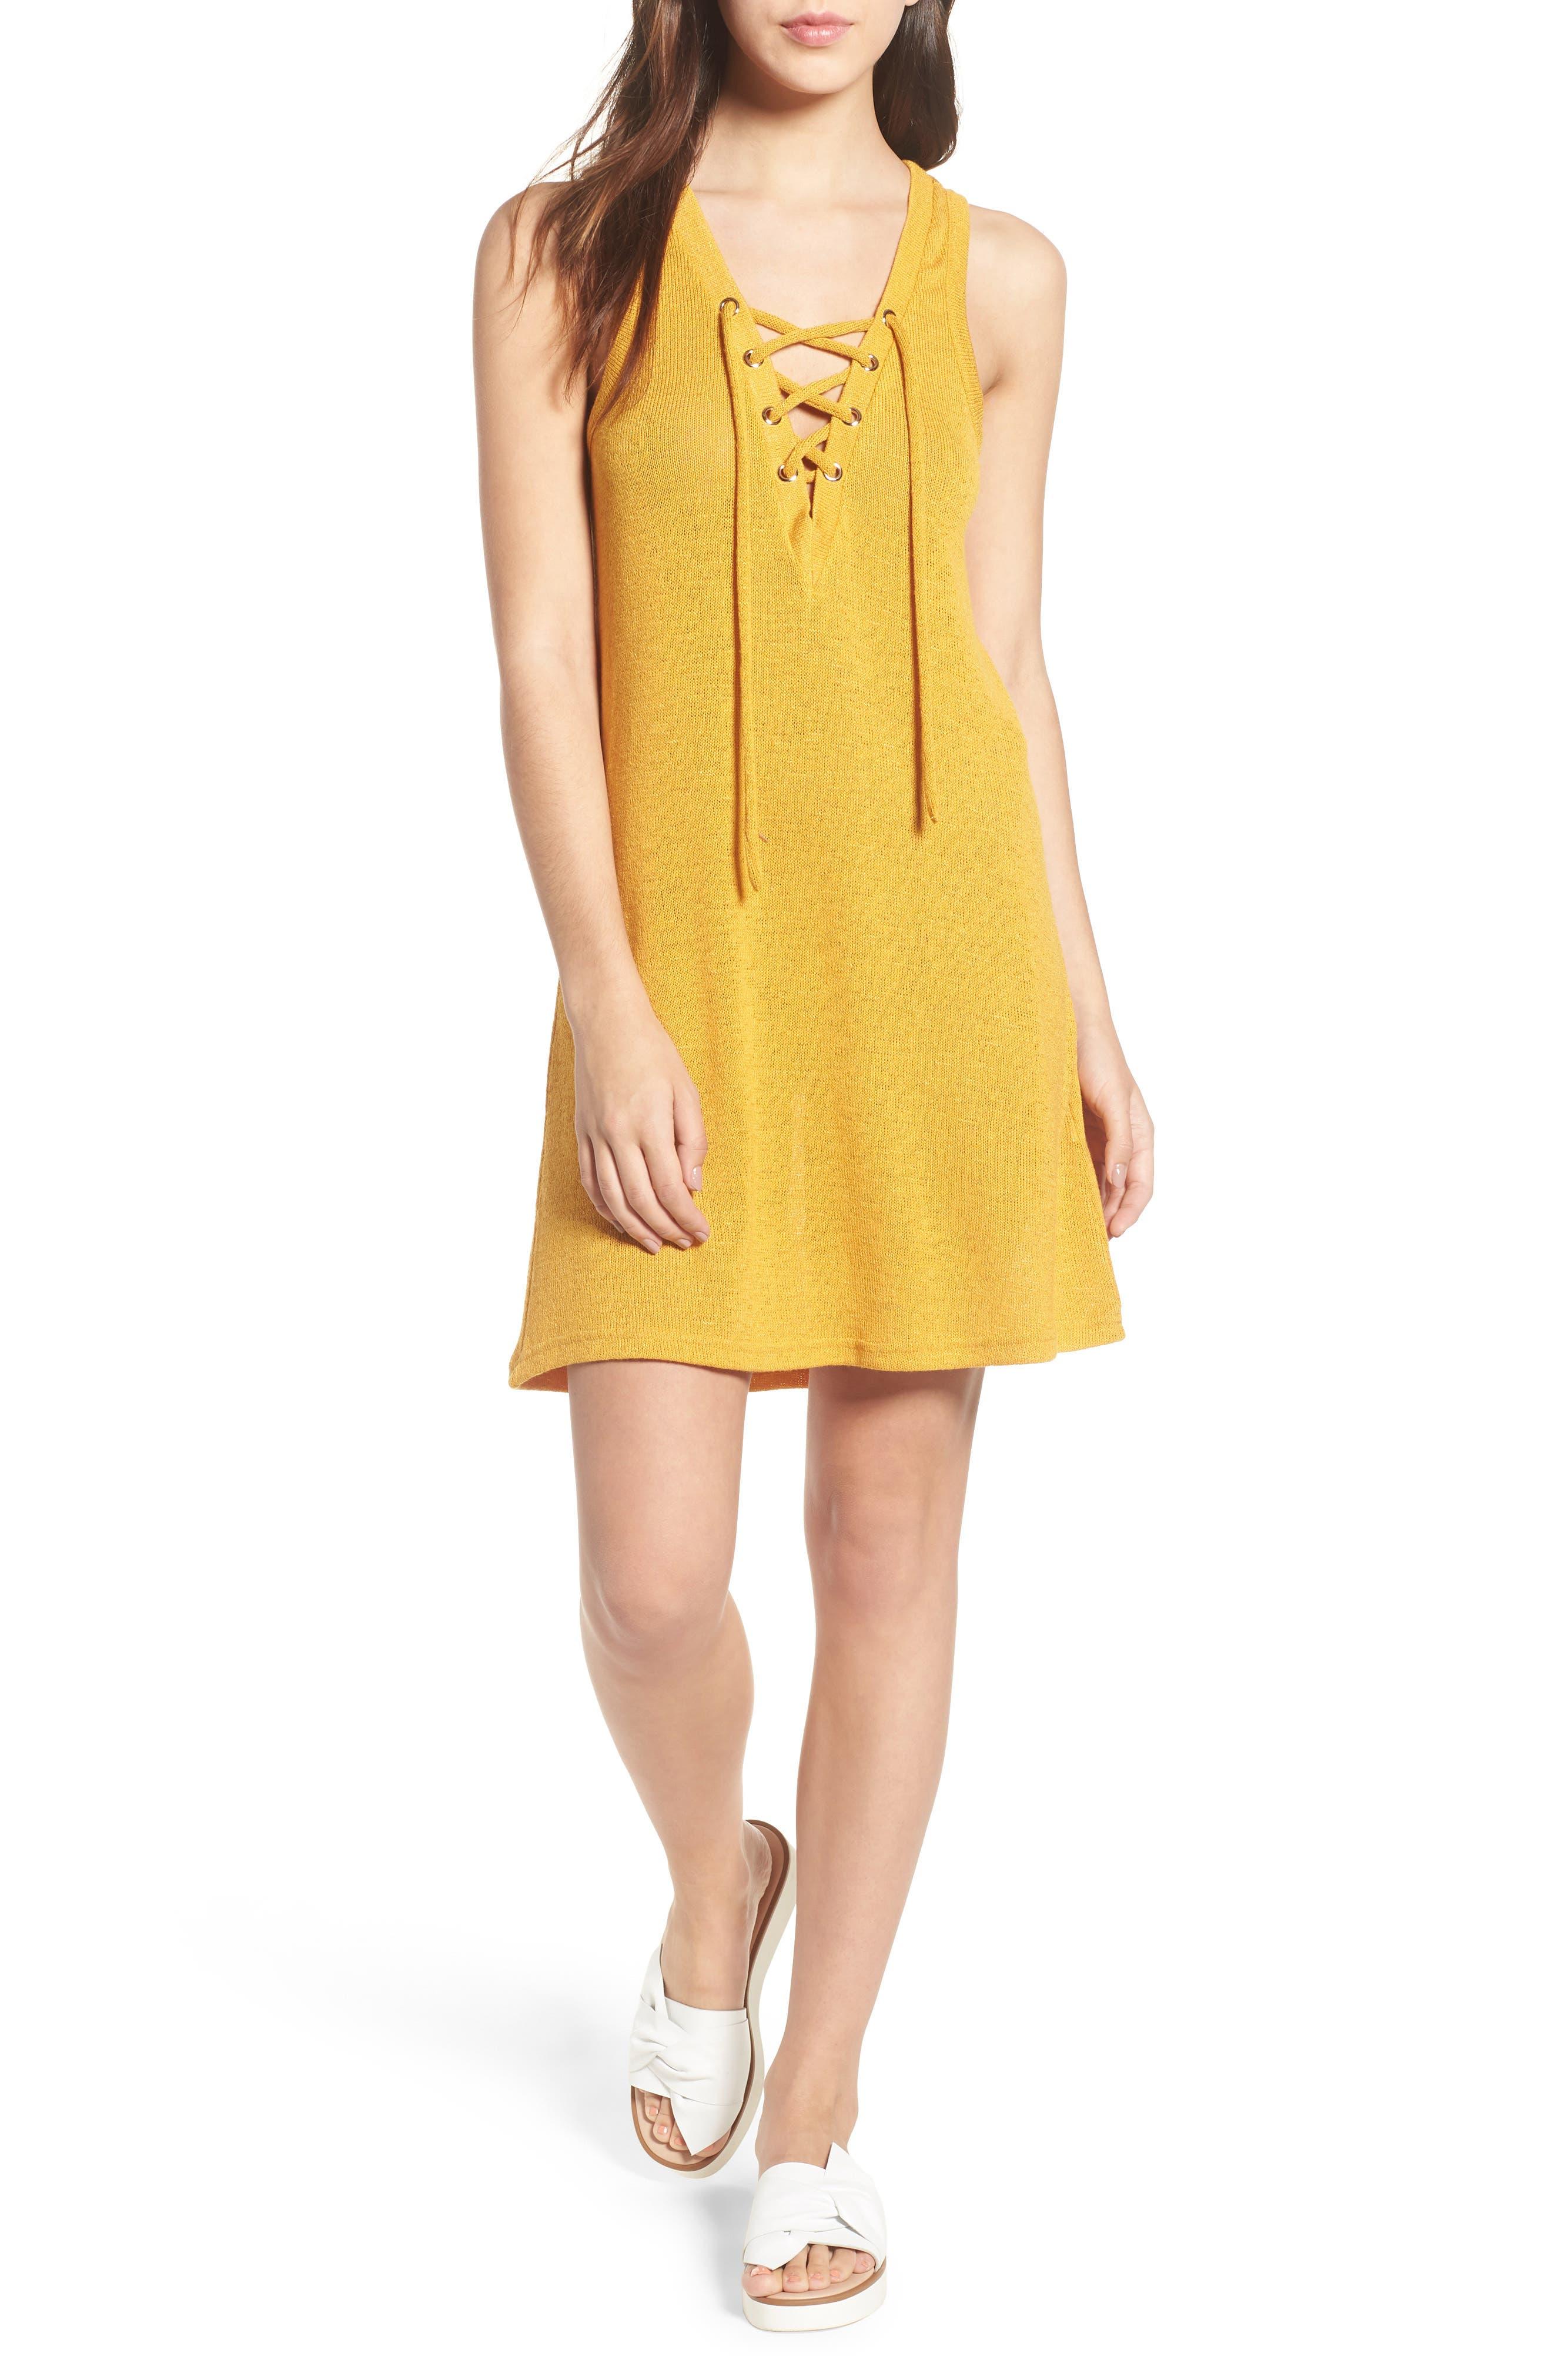 Heat Rising Lace-Up Dress,                             Main thumbnail 1, color,                             701